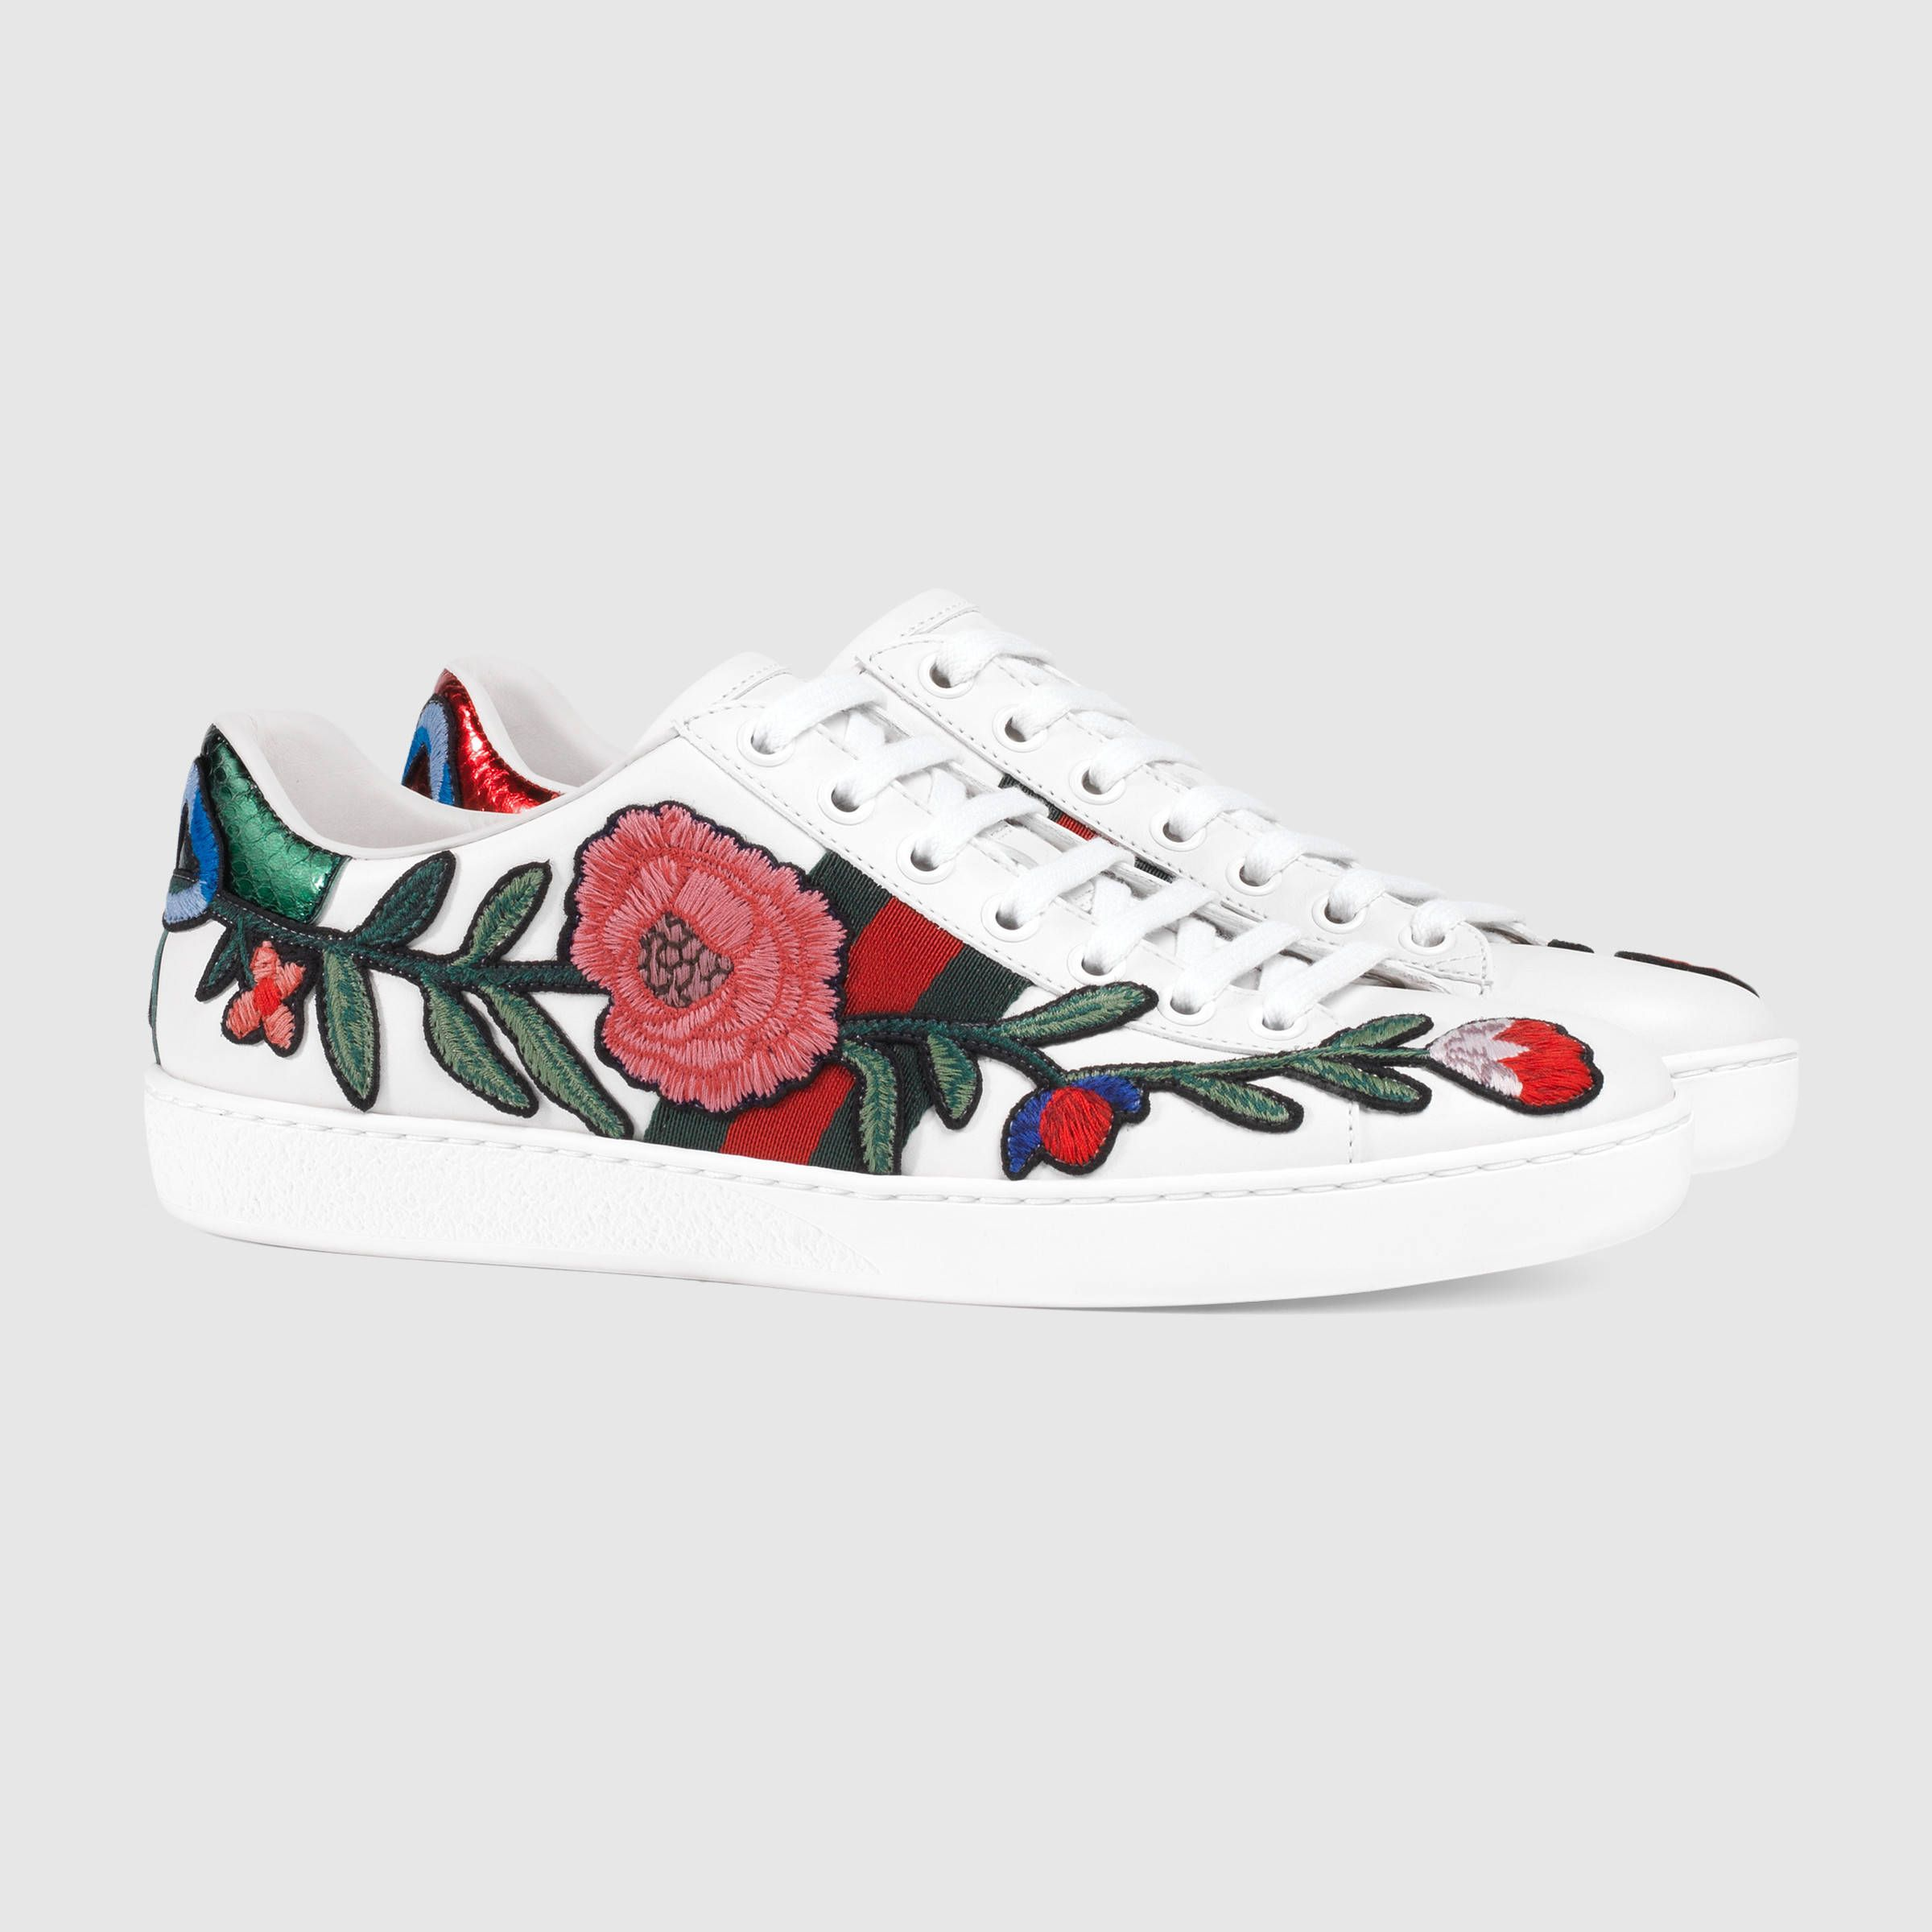 9e6ac957da70 Ace Embroidered Sneaker Gucci, Gucci Shoes And Gucci Sneakers